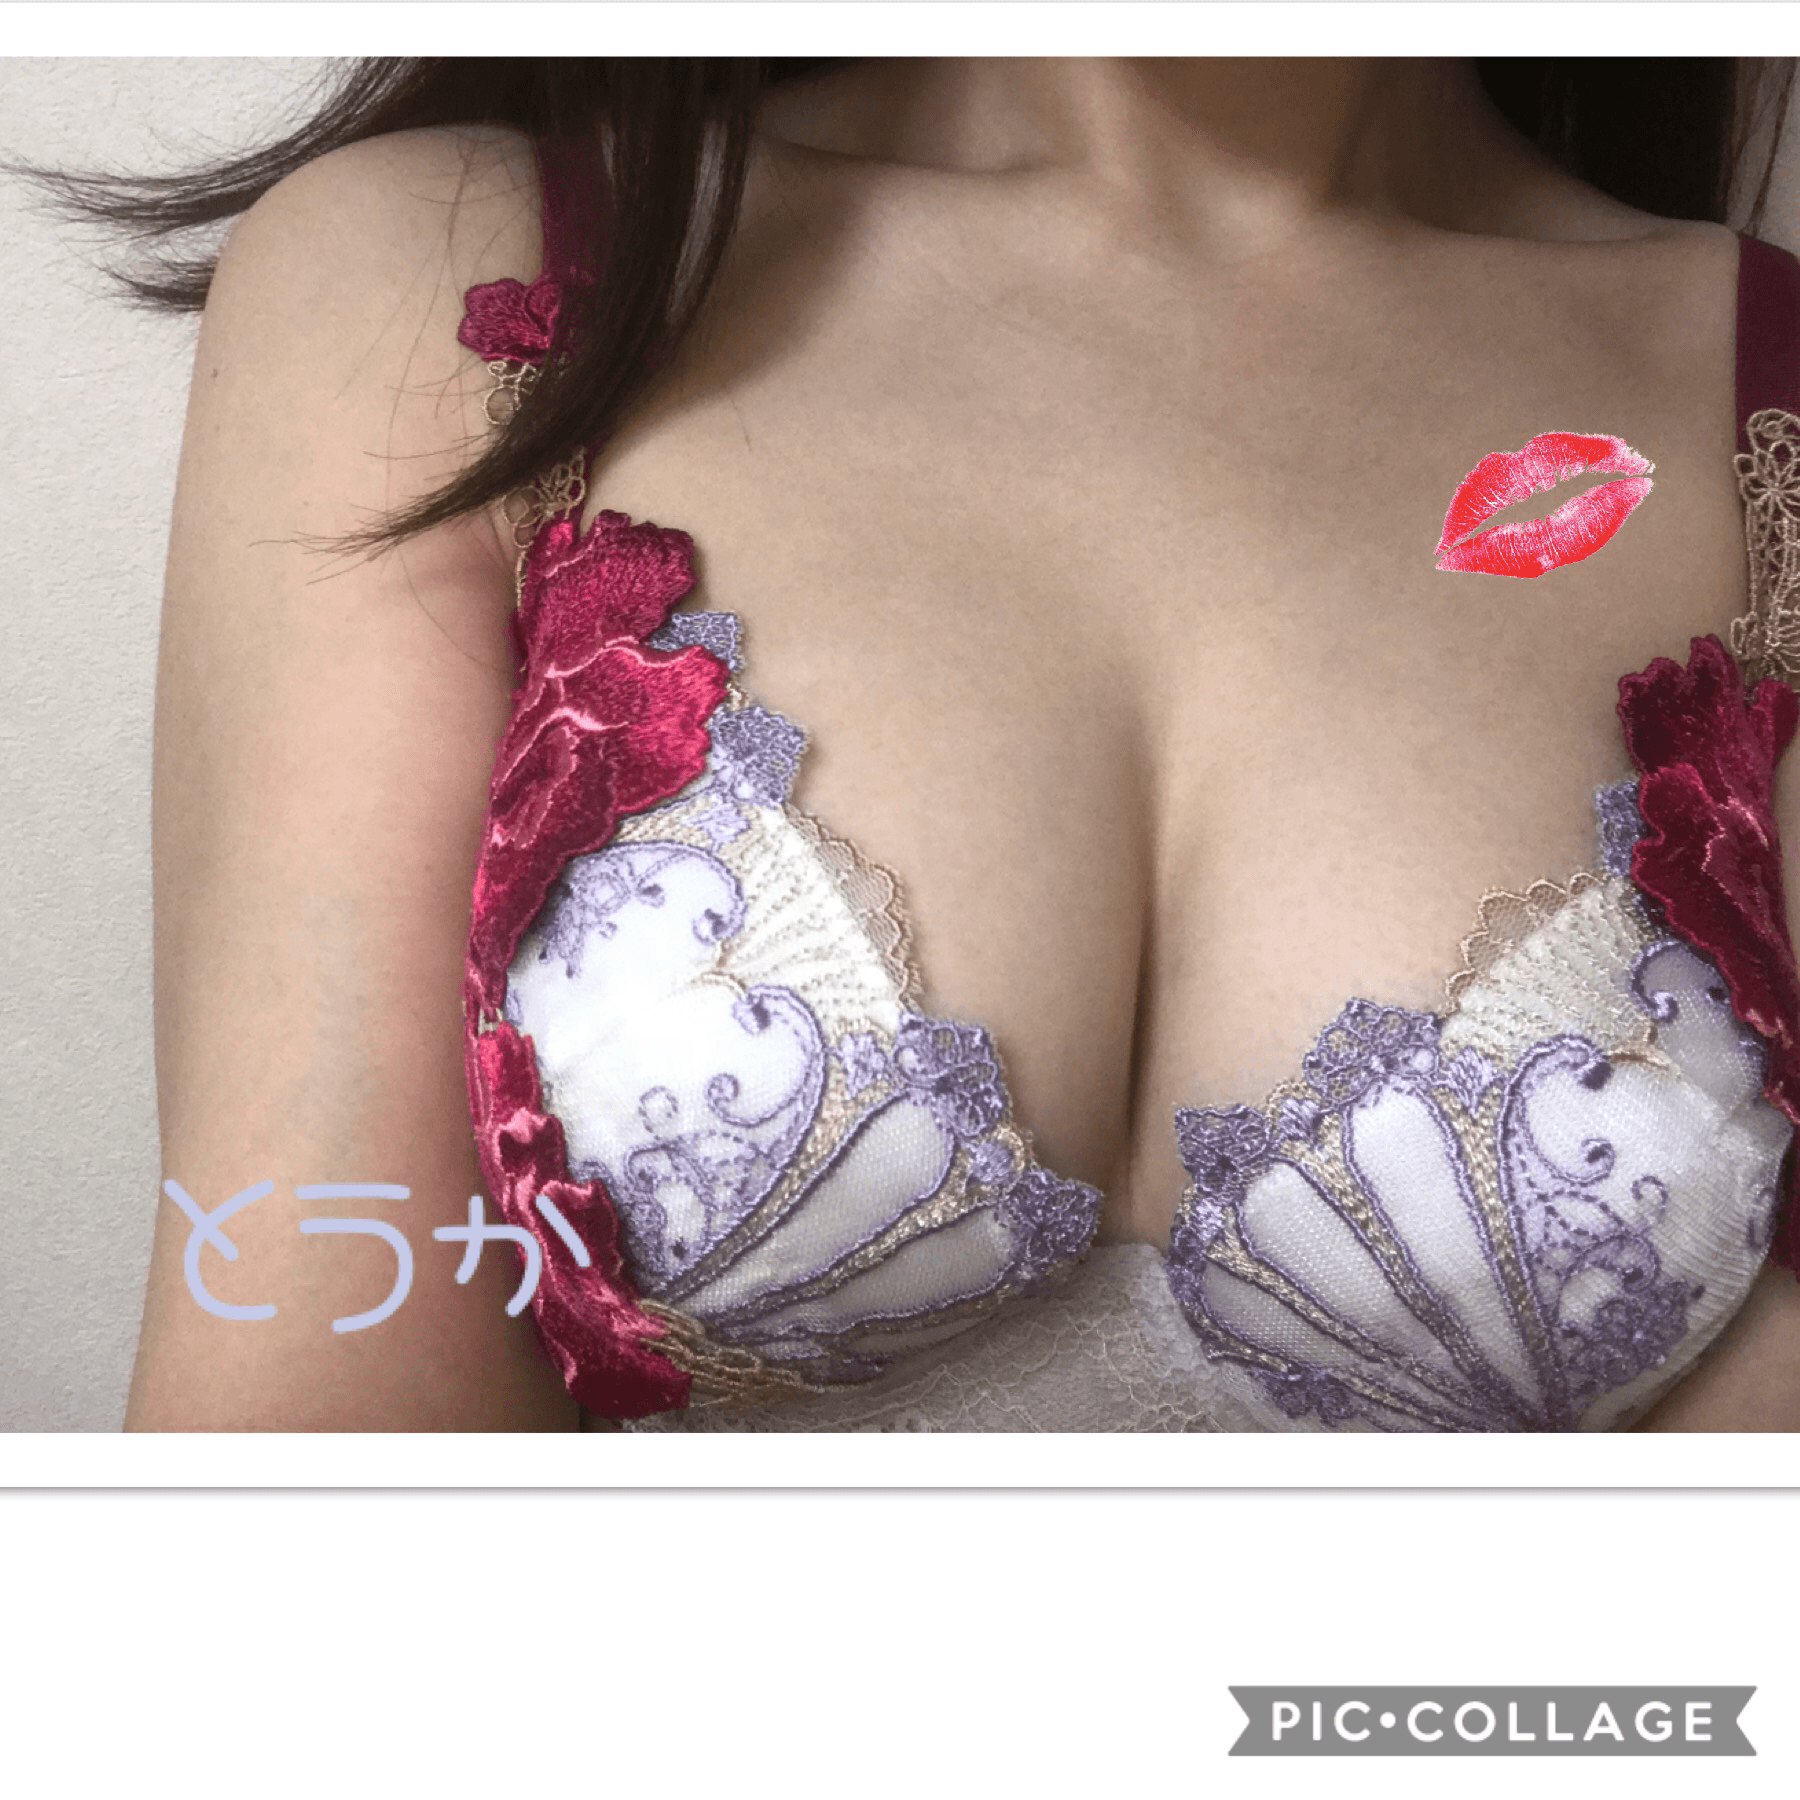 「とうかです☆」10/16(火) 16:36   とうかの写メ・風俗動画